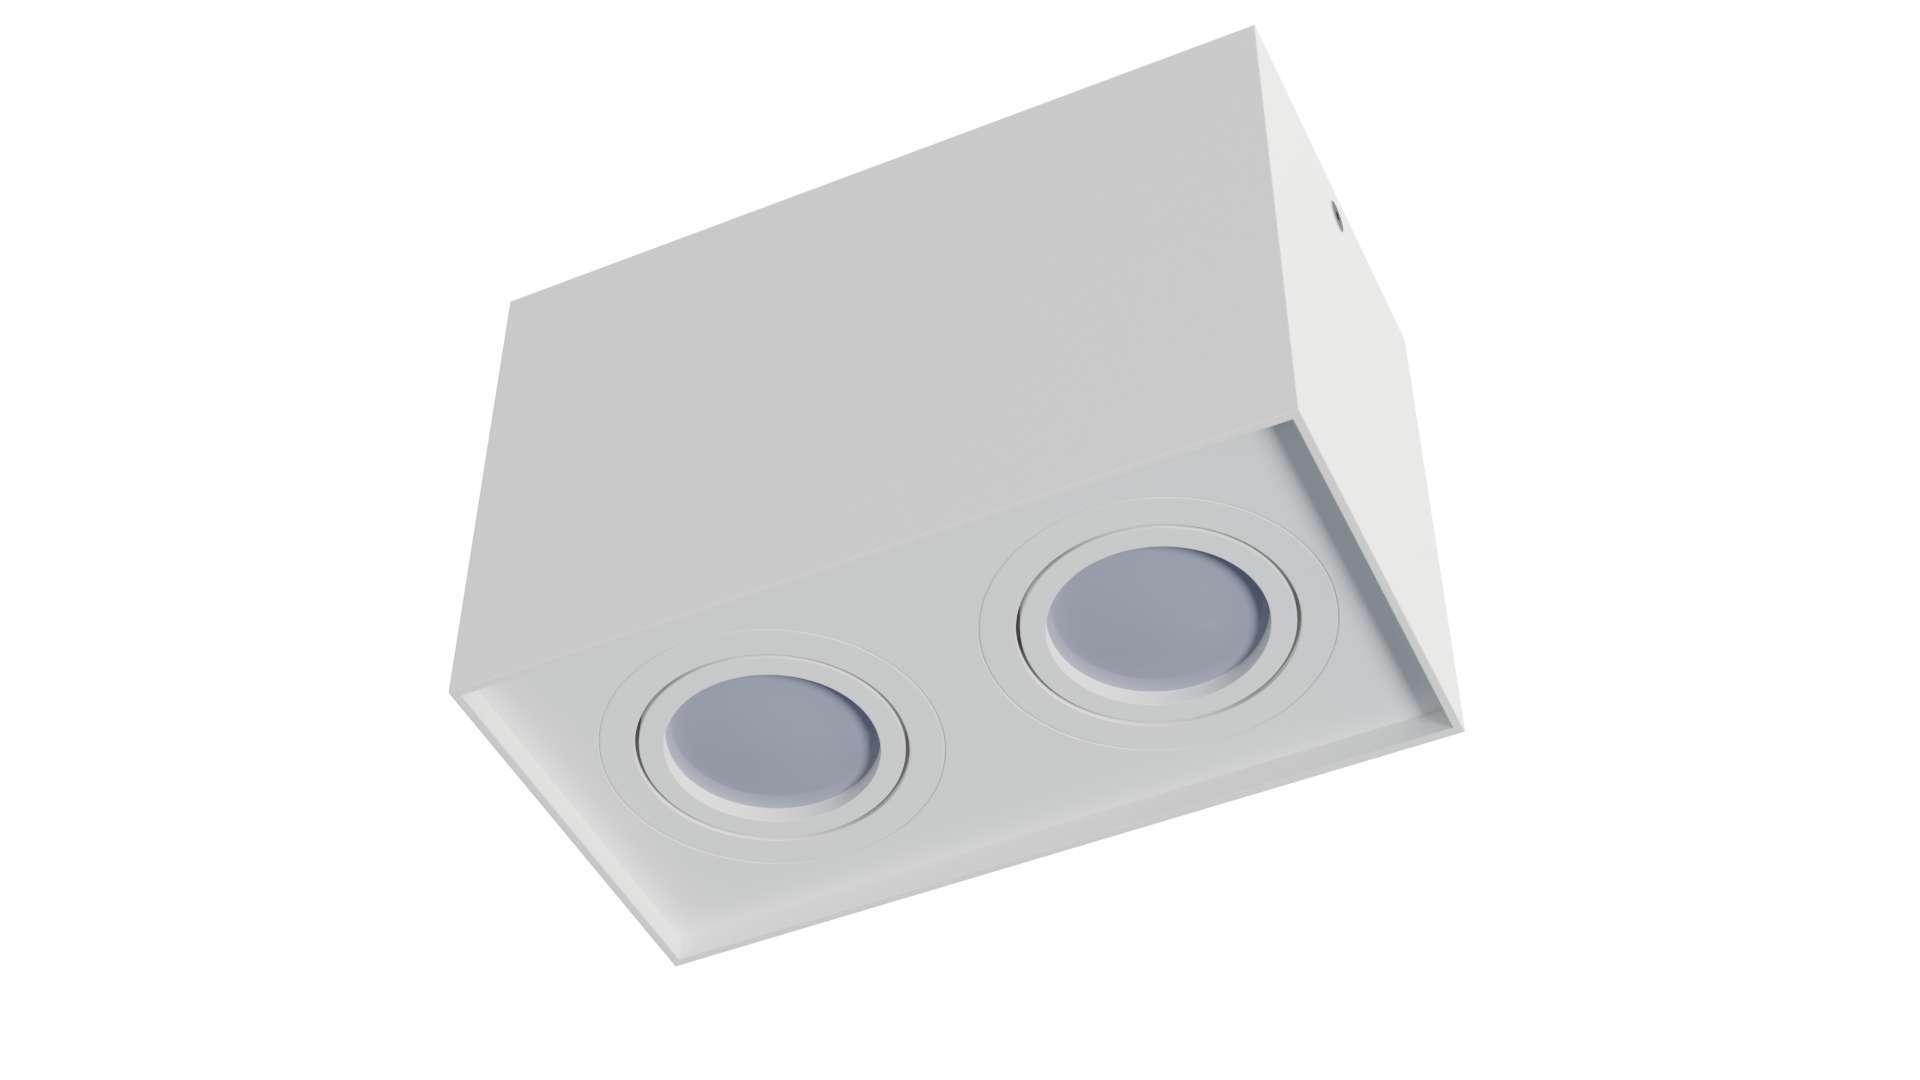 Oprawa natynkowa KALA 2x kwadrat biała